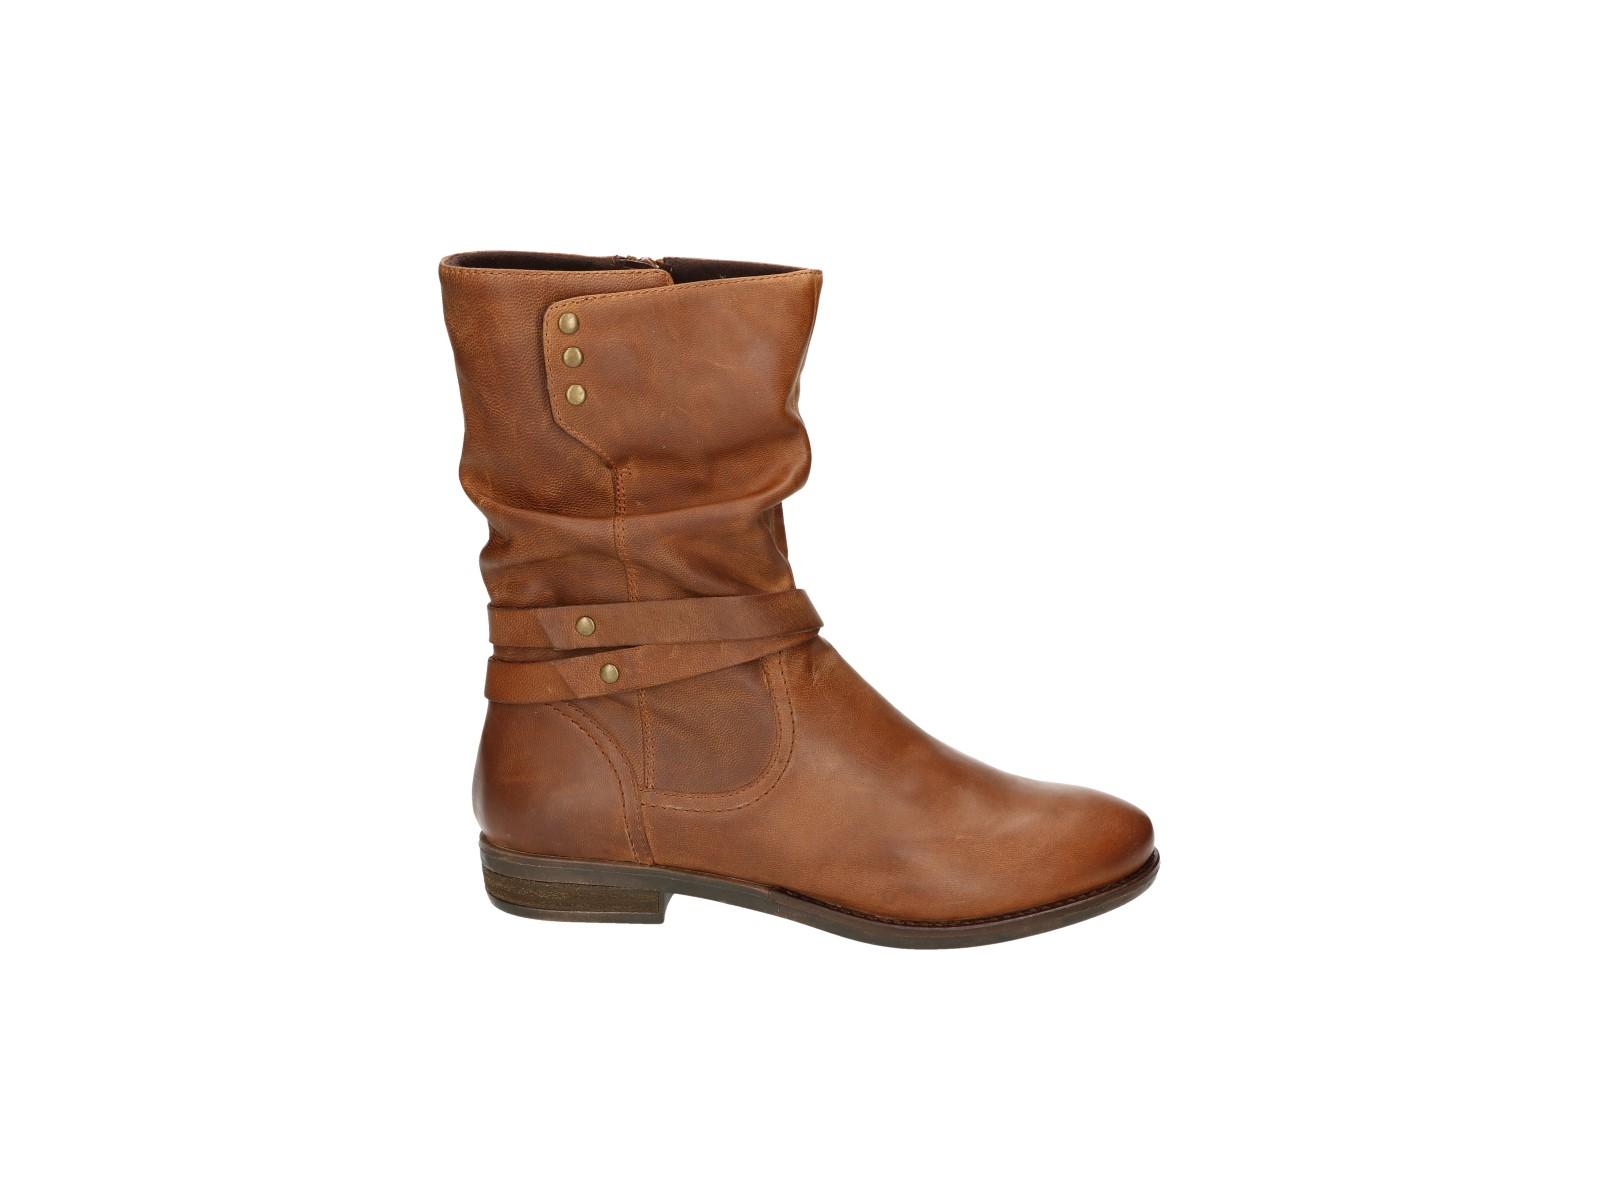 4cb55b5381b SPM damesschoenen online kopen | 2 winkels in Leuven | Mertens Schoenen